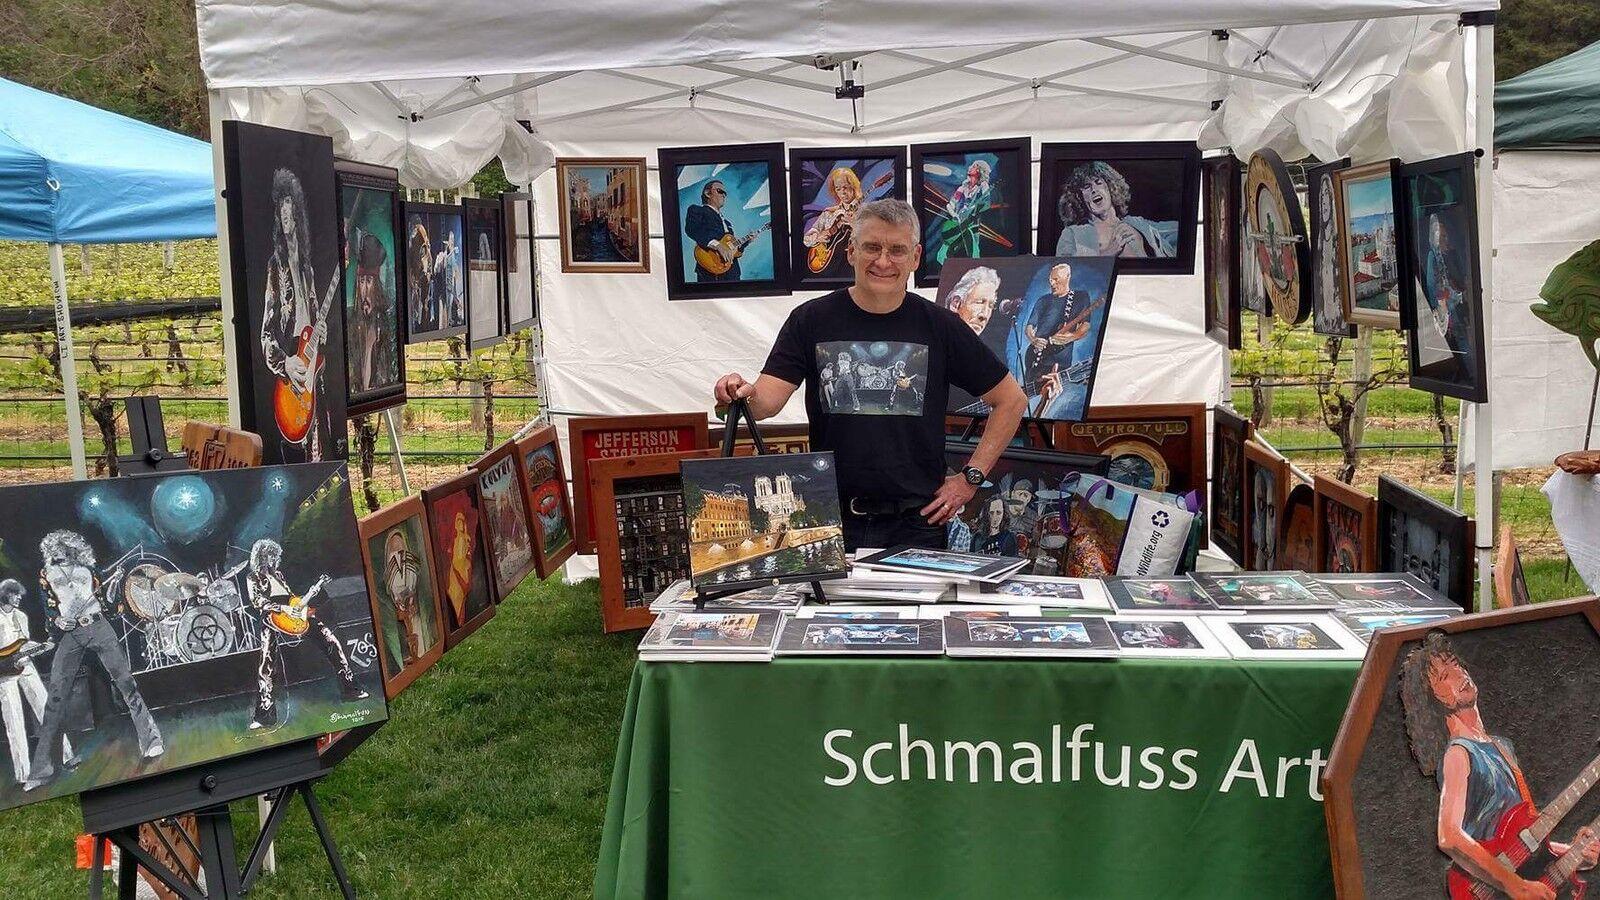 Schmalfuss Art